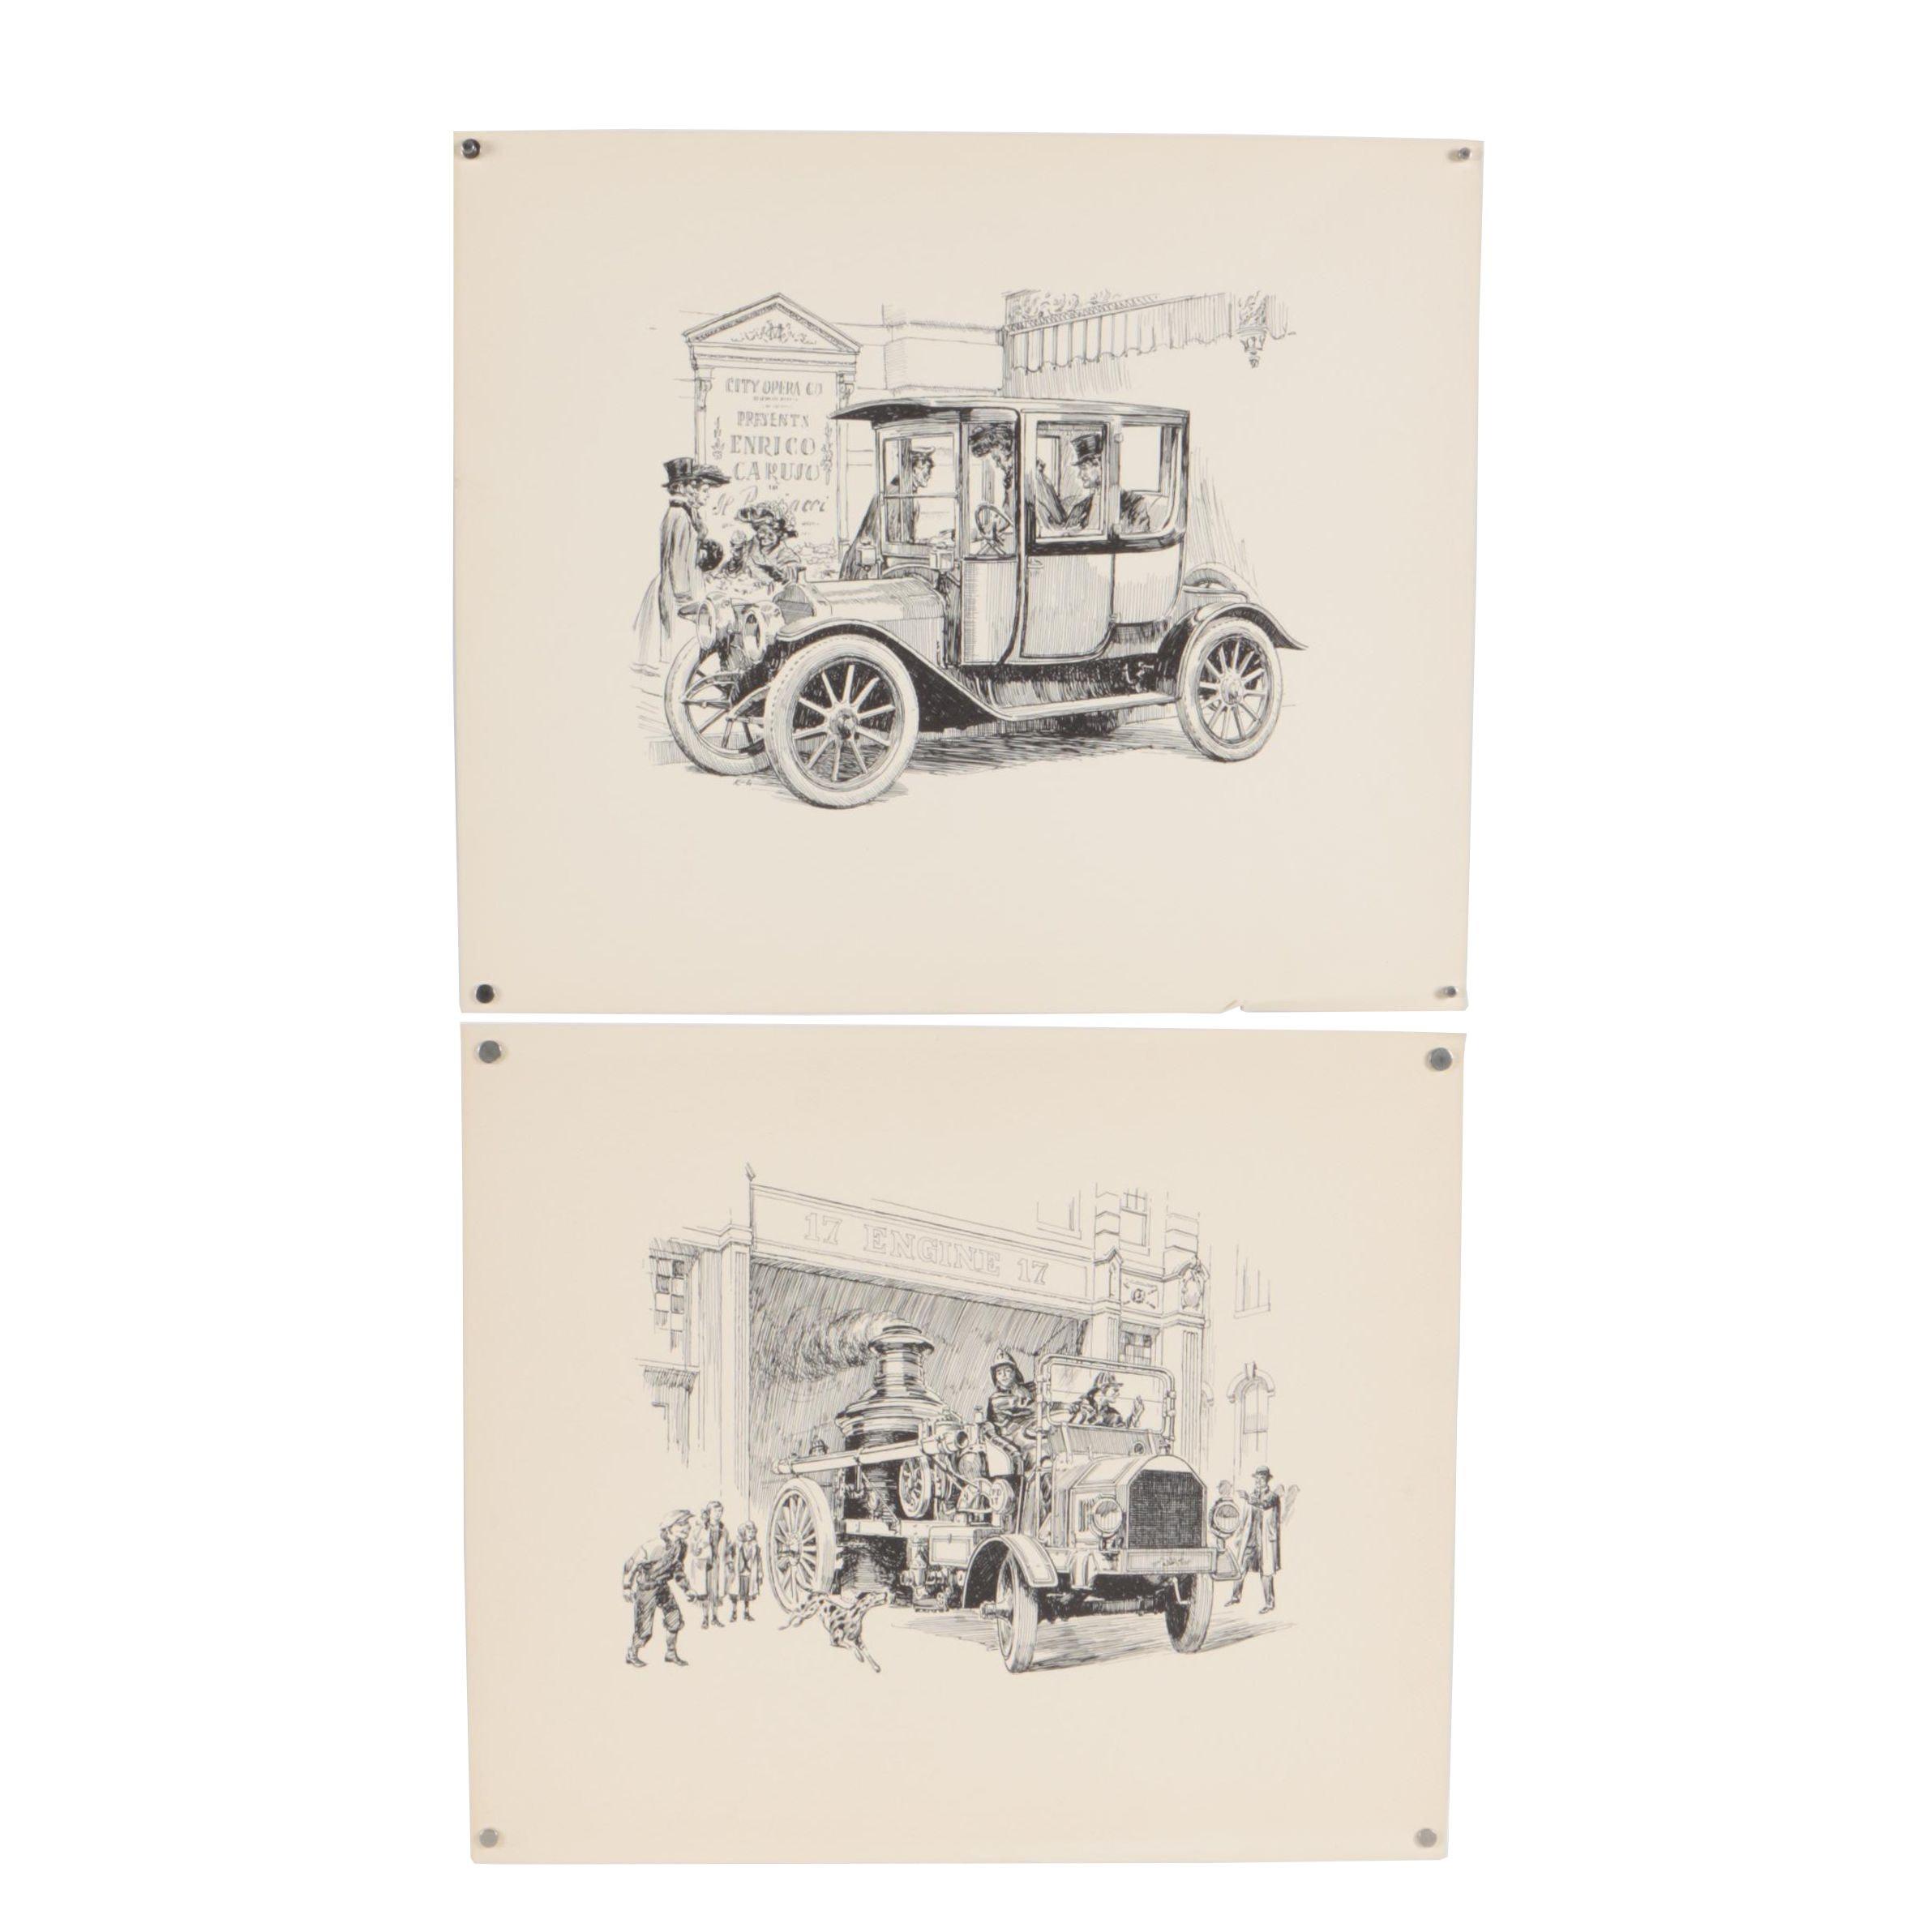 Vintage Lithographs of Genre Scenes